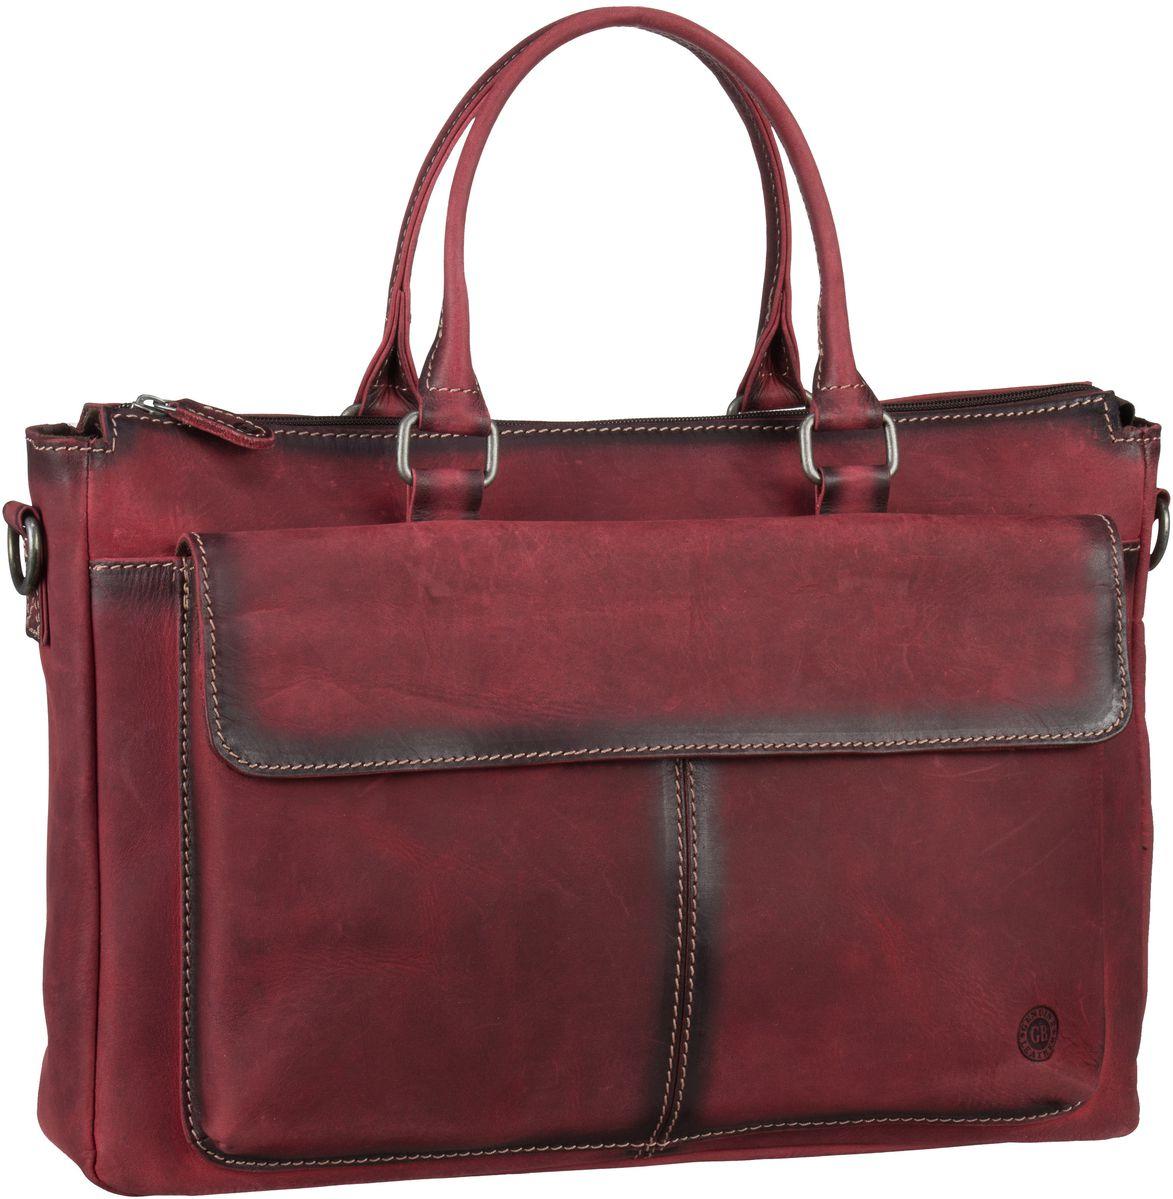 Businesstaschen für Frauen - Greenburry Aktentasche Buffalo 1045 Mappe Burnish Red  - Onlineshop Taschenkaufhaus